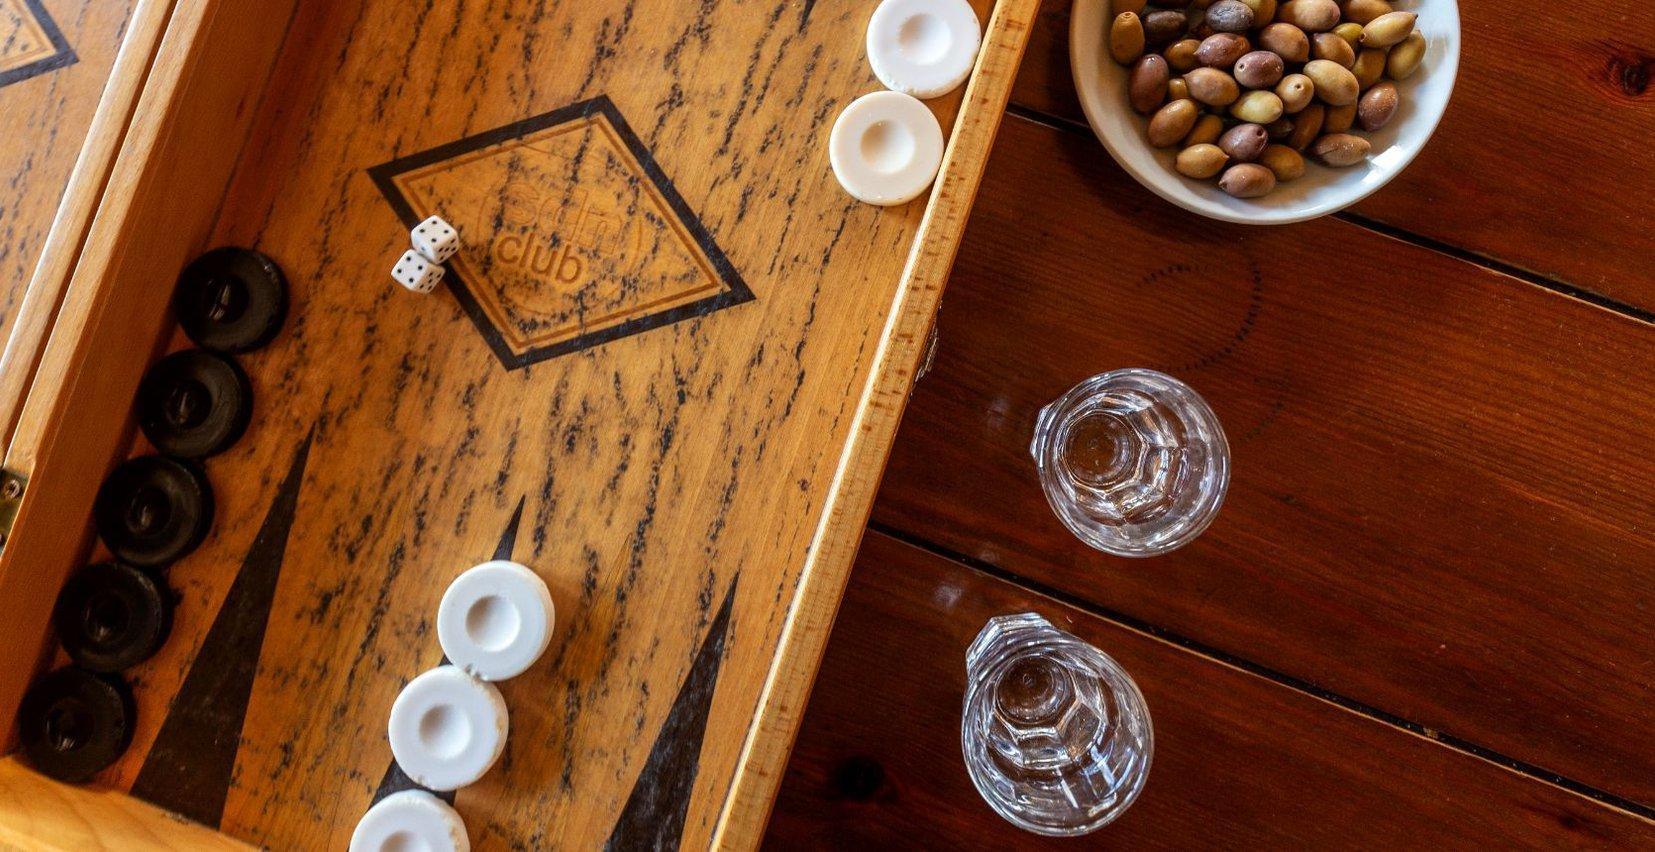 Τάβλι με κρητική ρακή και ελαιόλαδο σε ένα τραπέζι στο Mala Villa